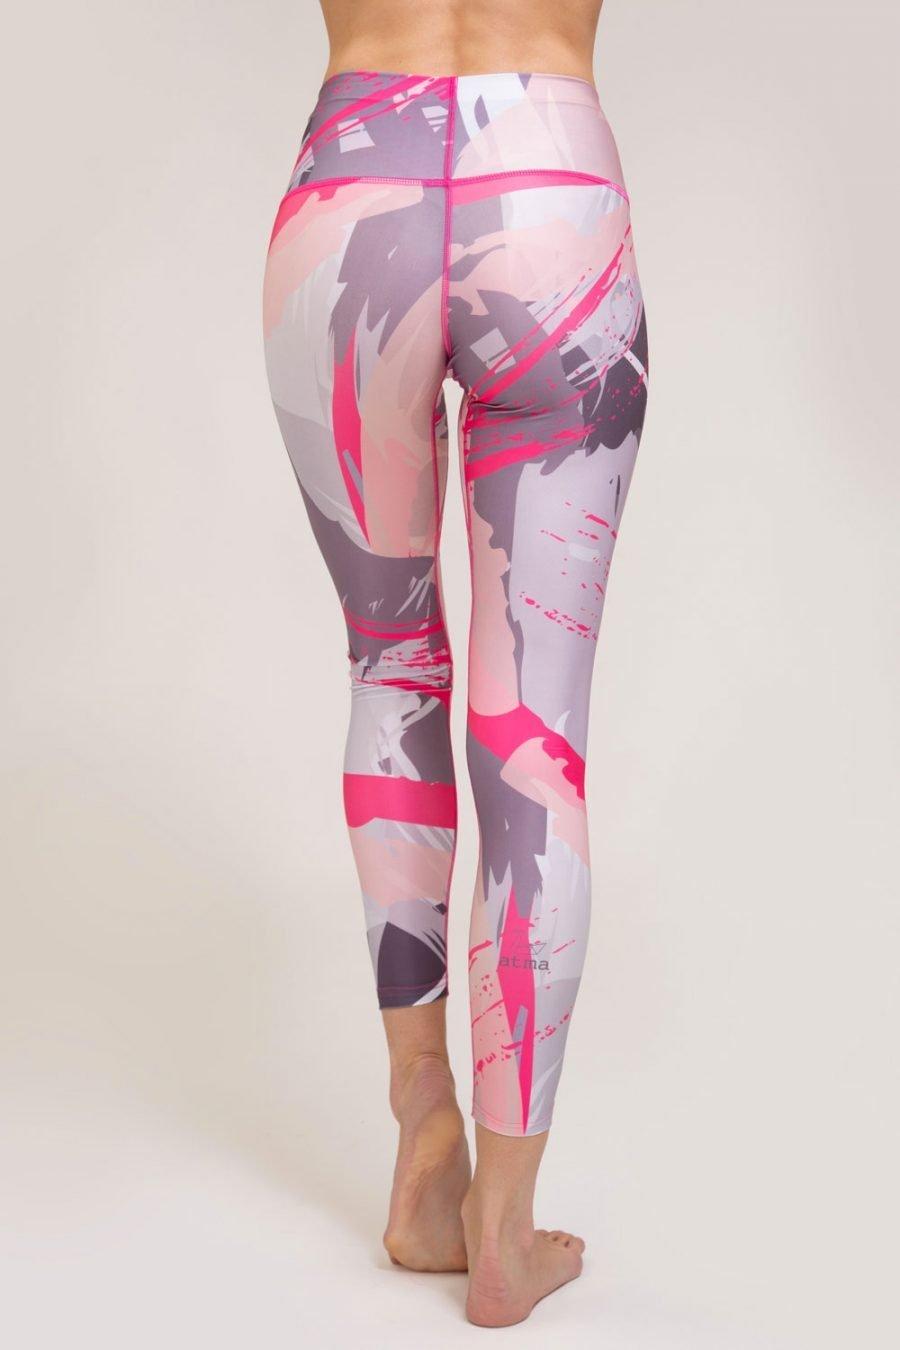 leggings brush abbigliamento yoga donna made in Italy colore malva